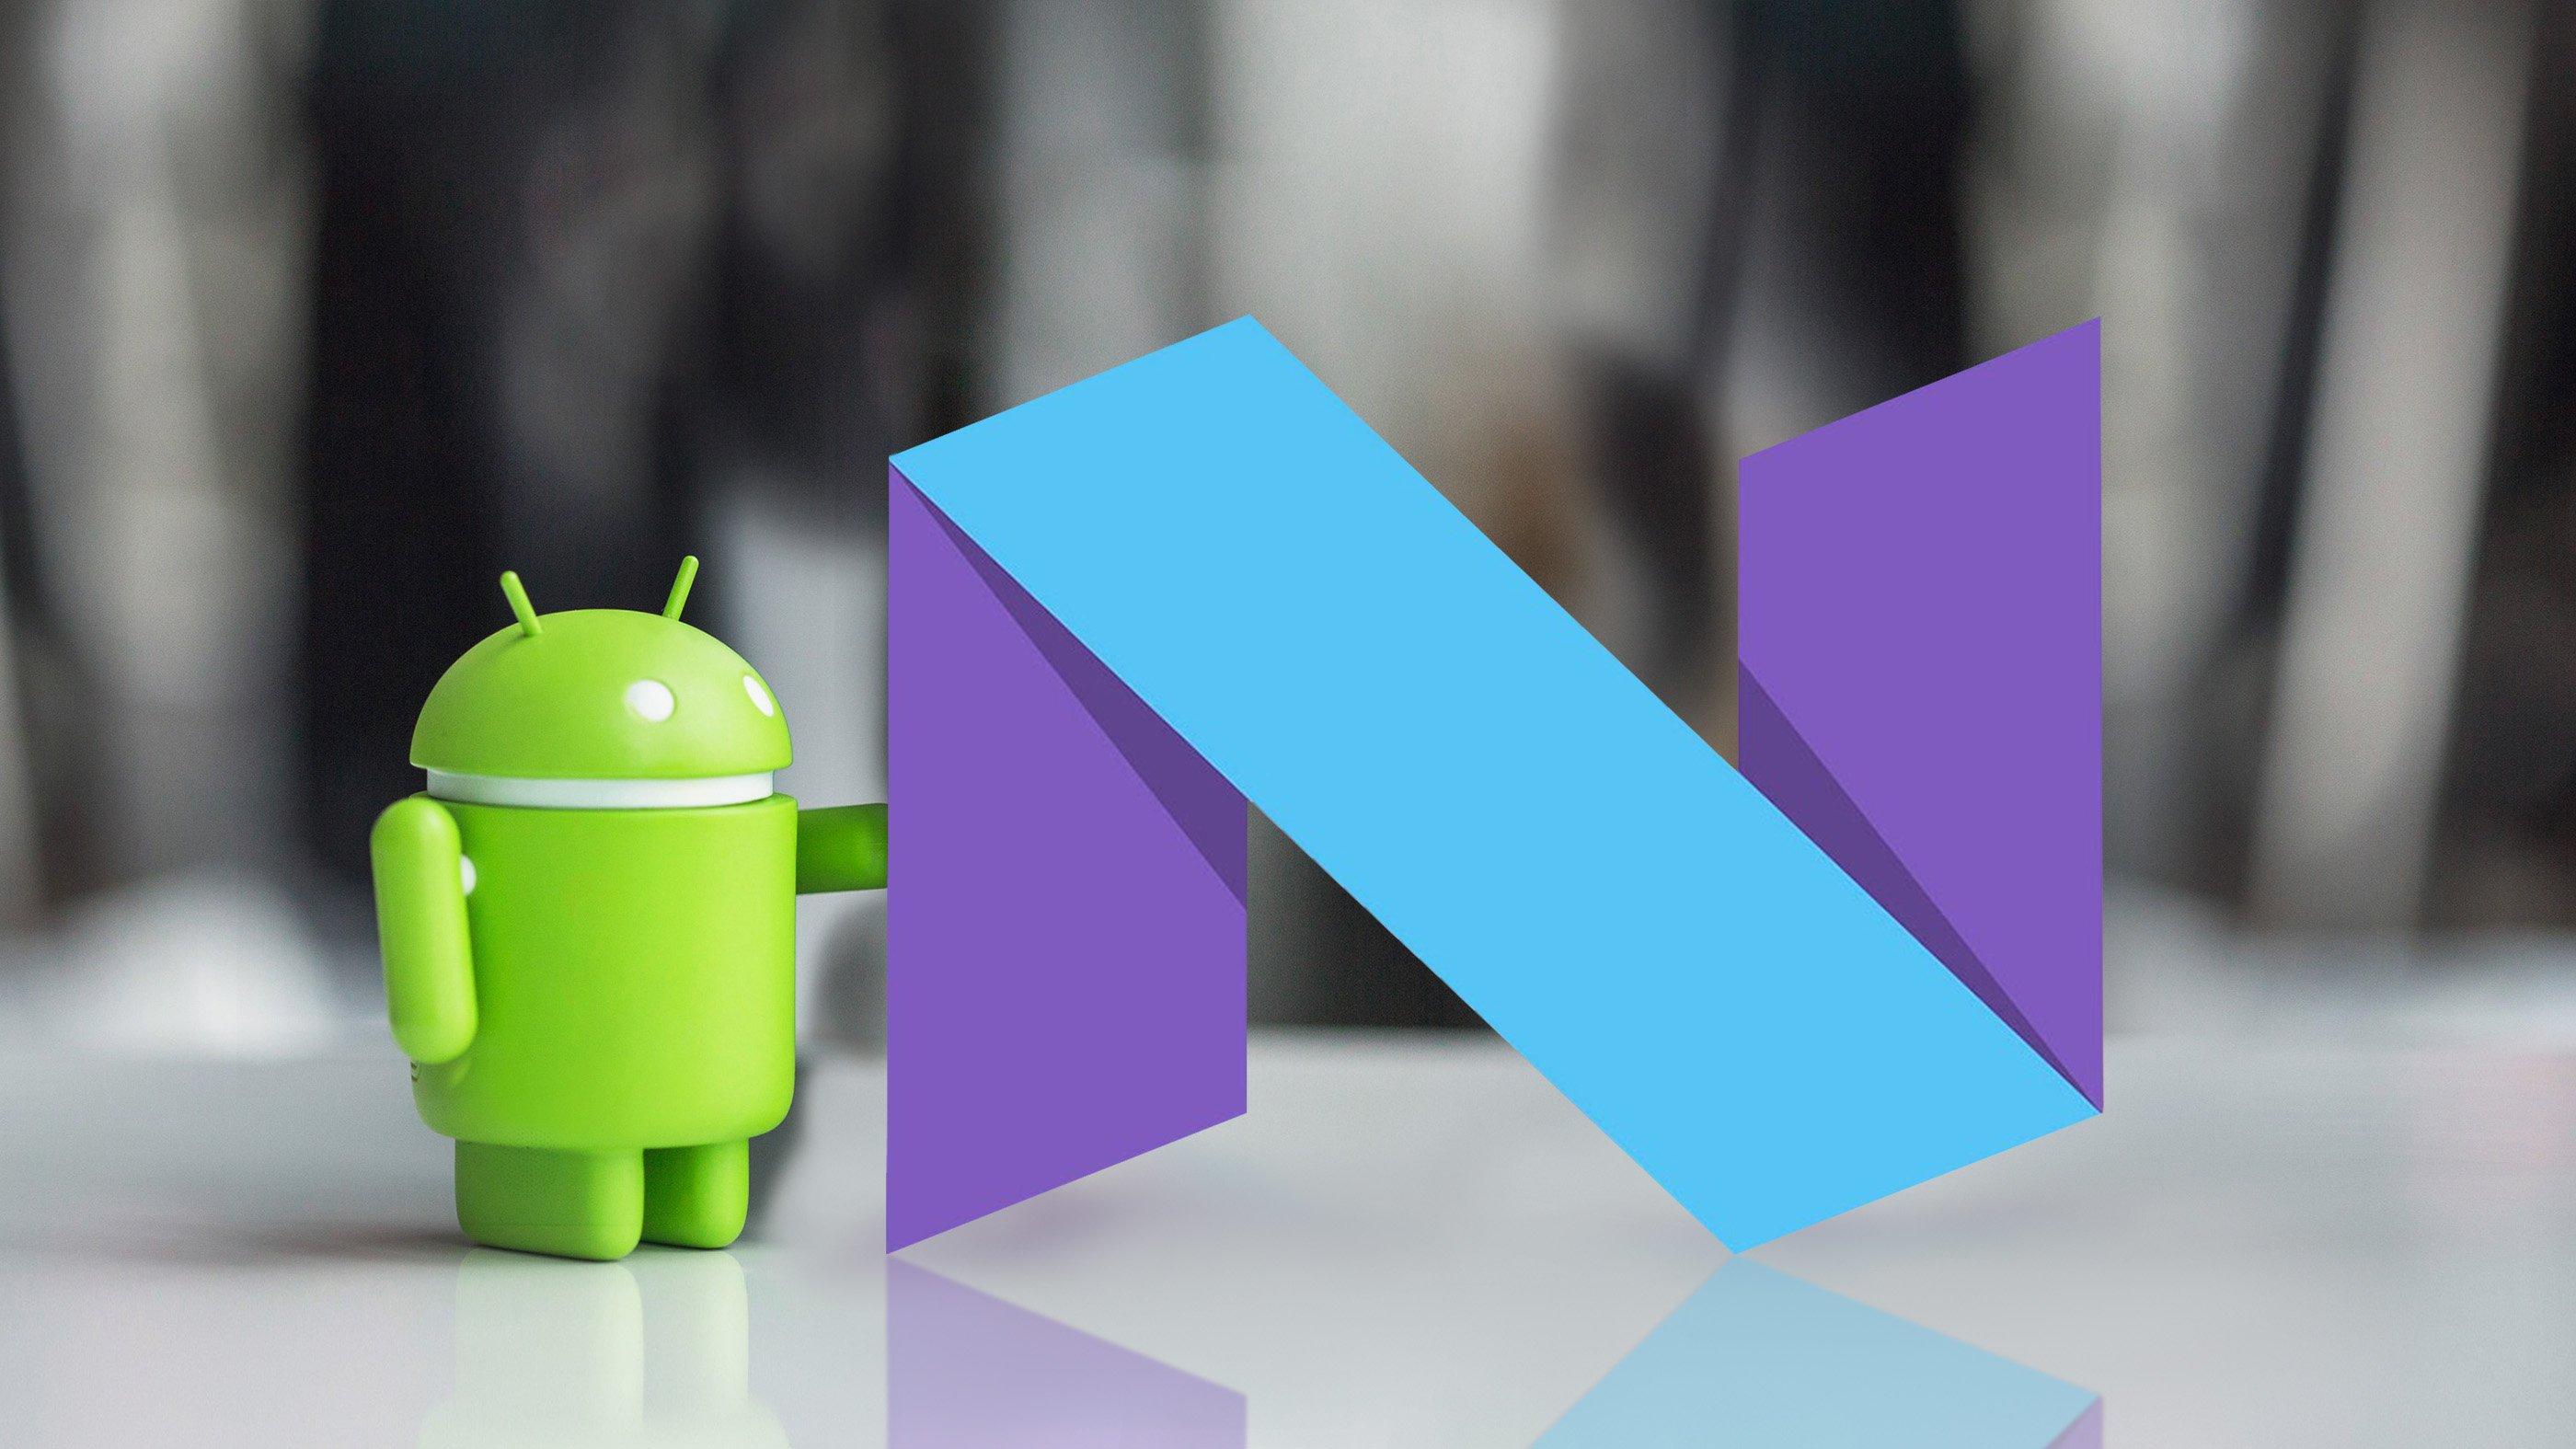 Disponibilizada a primeira versão Preview do Android 7.1, veja o que há de novo: